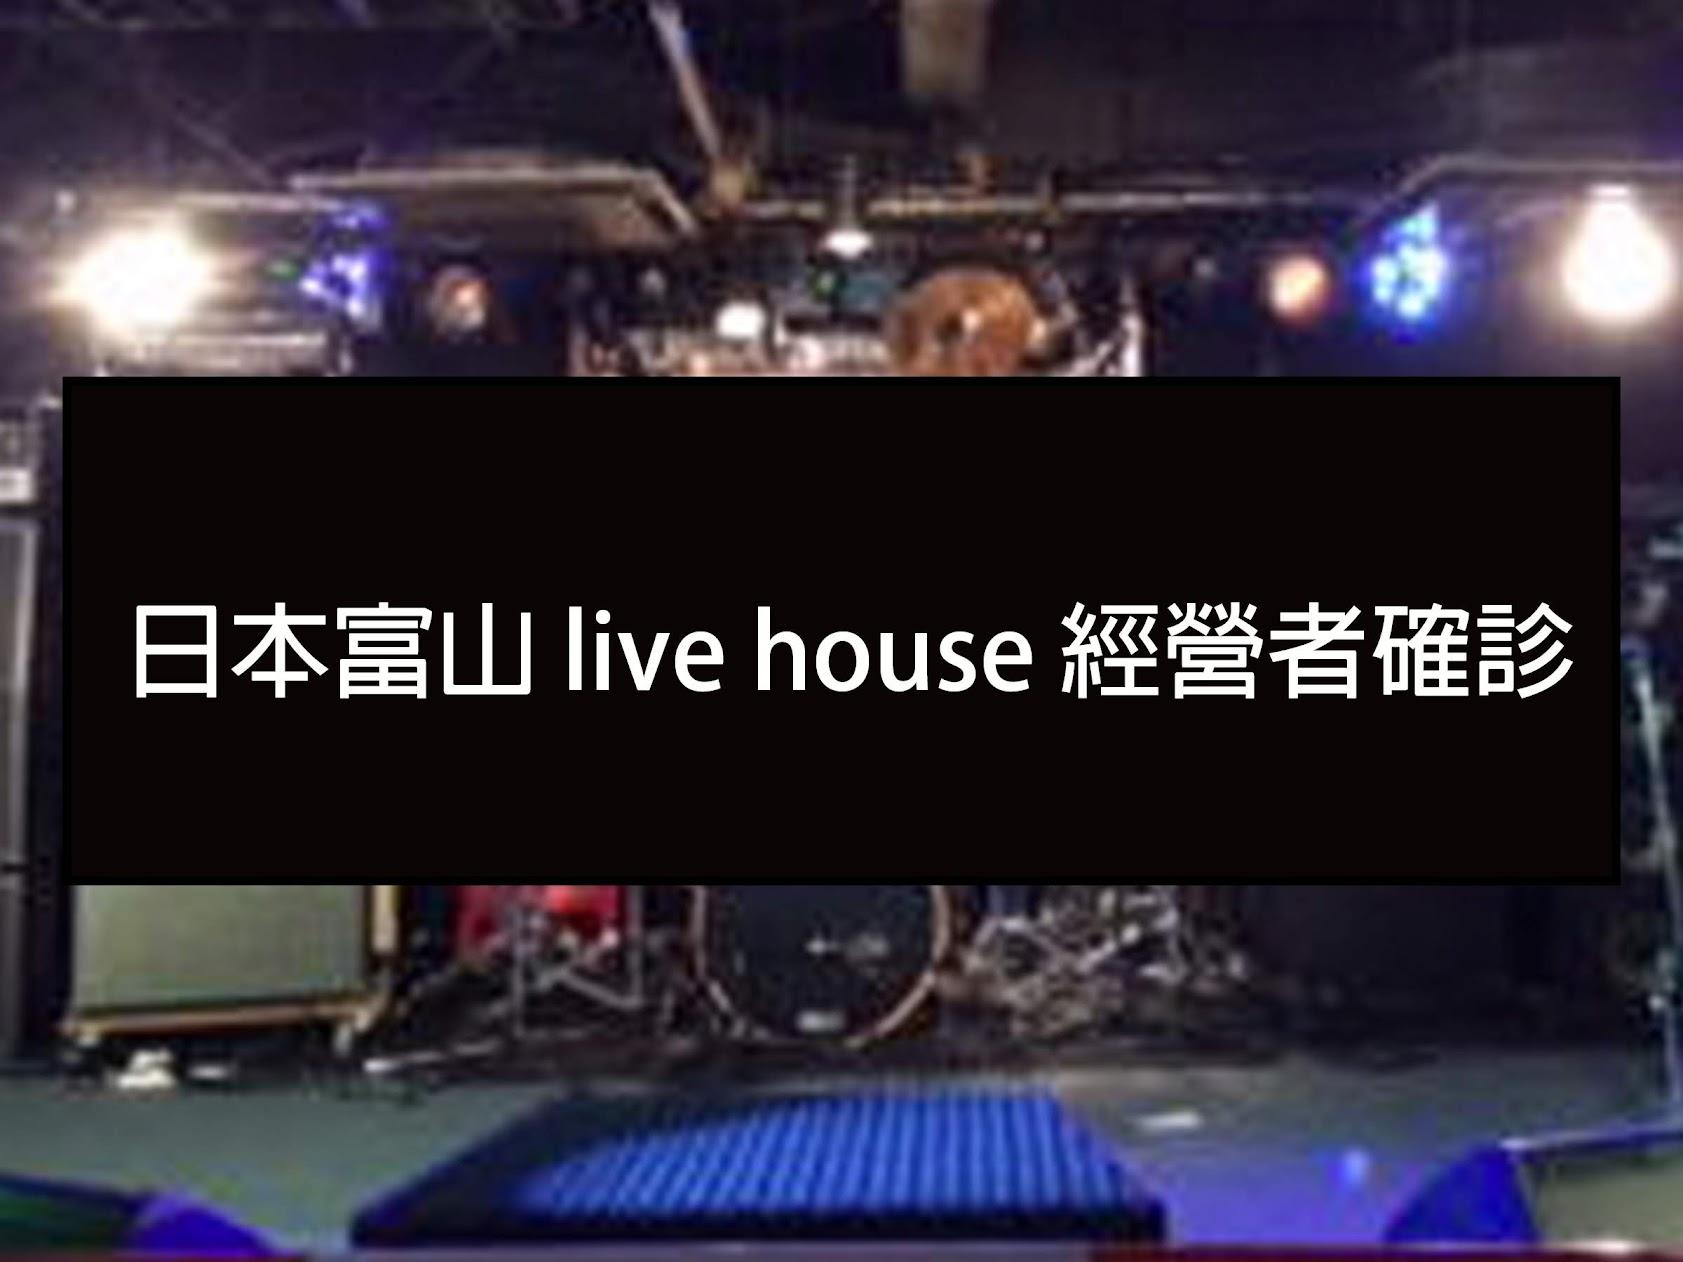 日本富山 live house 經營者武漢肺炎確診